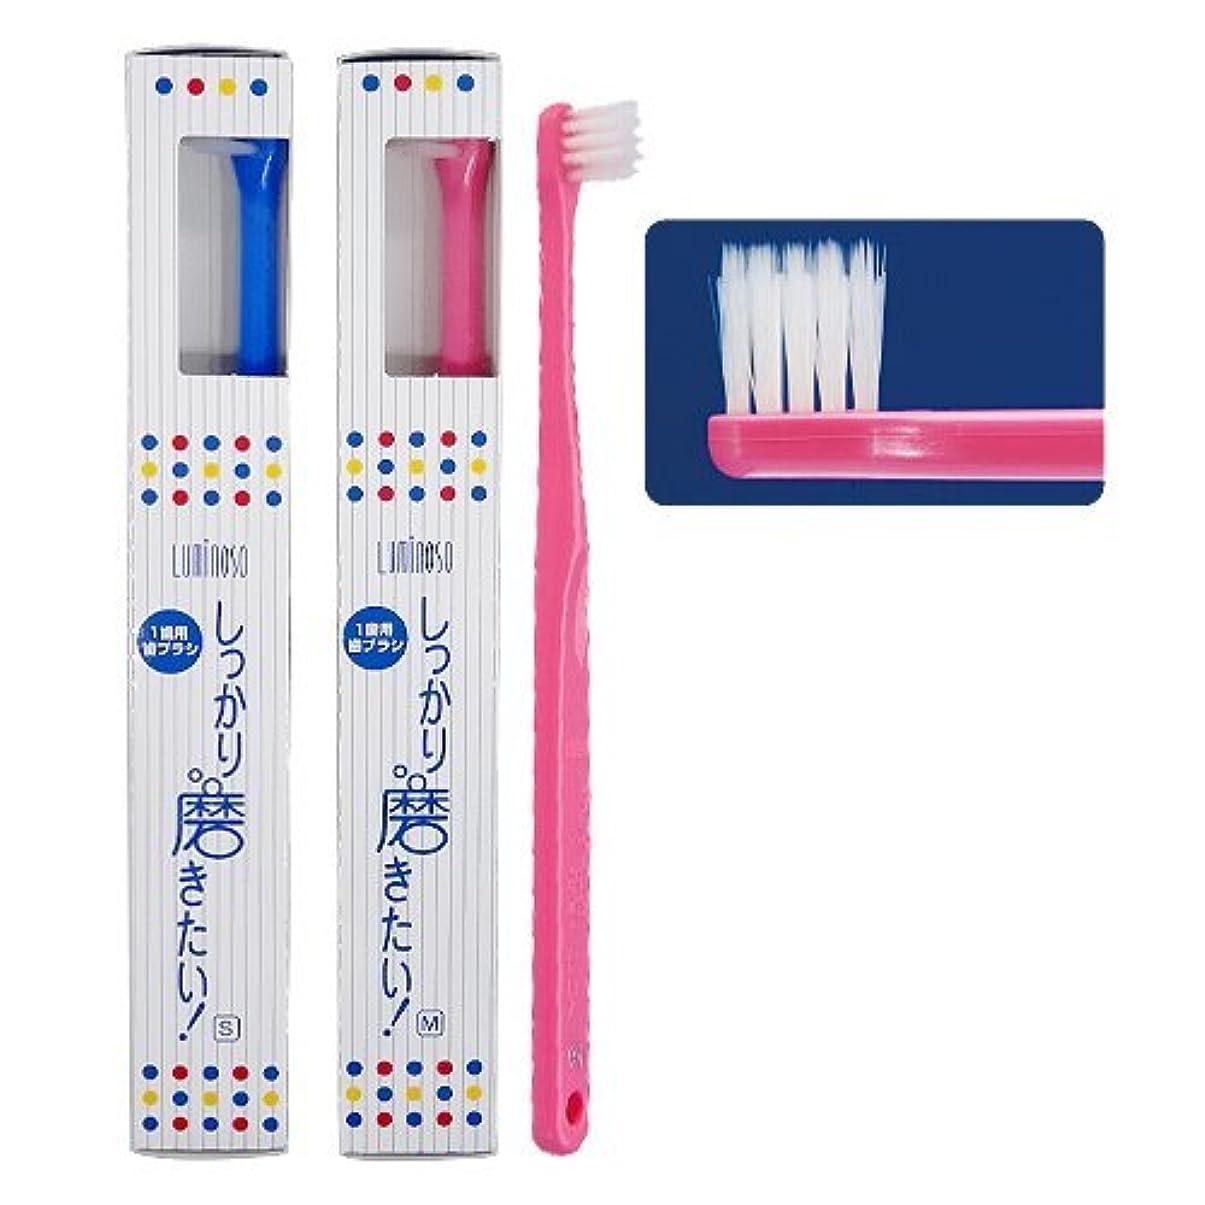 人物宣教師発見ルミノソ 1歯用歯ブラシ「しっかり磨きたい!」スタンダード ミディアム (カラー指定不可) 3本